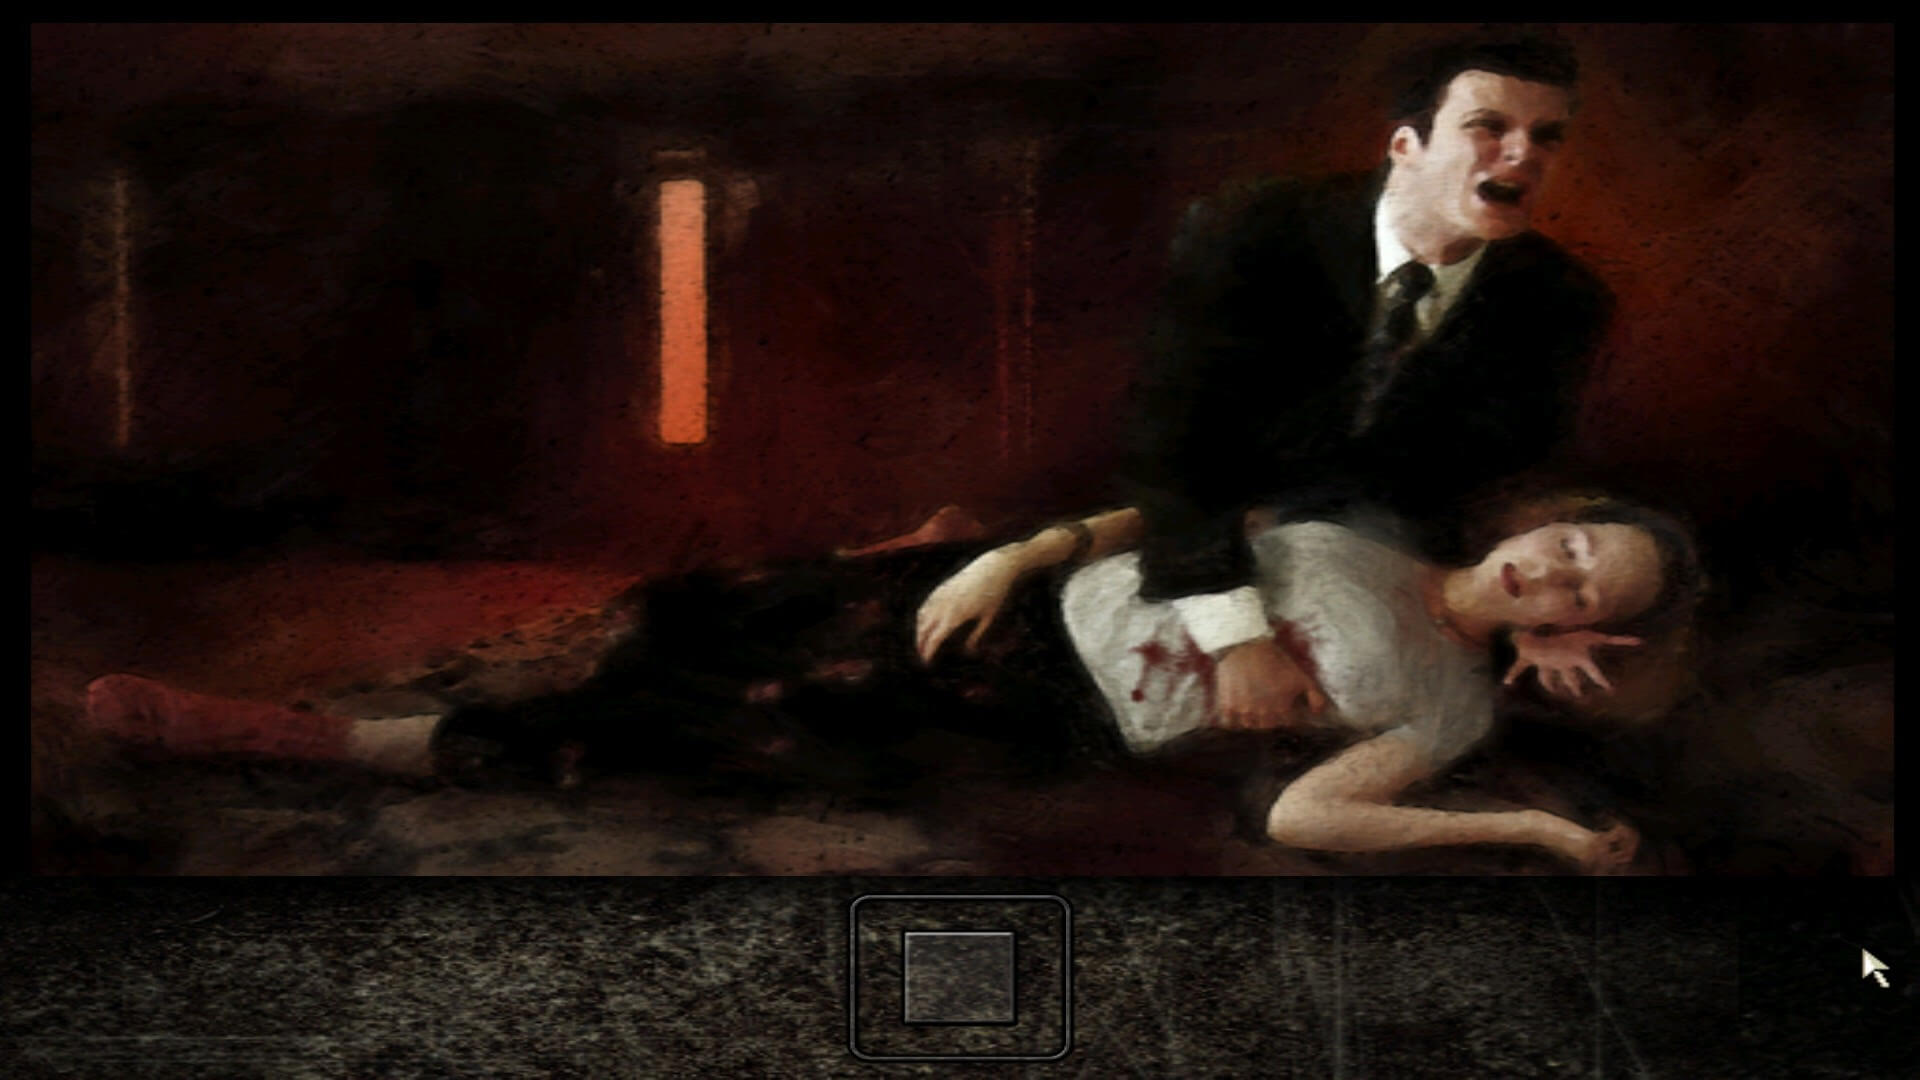 妻子を殺害されたマックスの復讐劇。『マックスペイン』より。